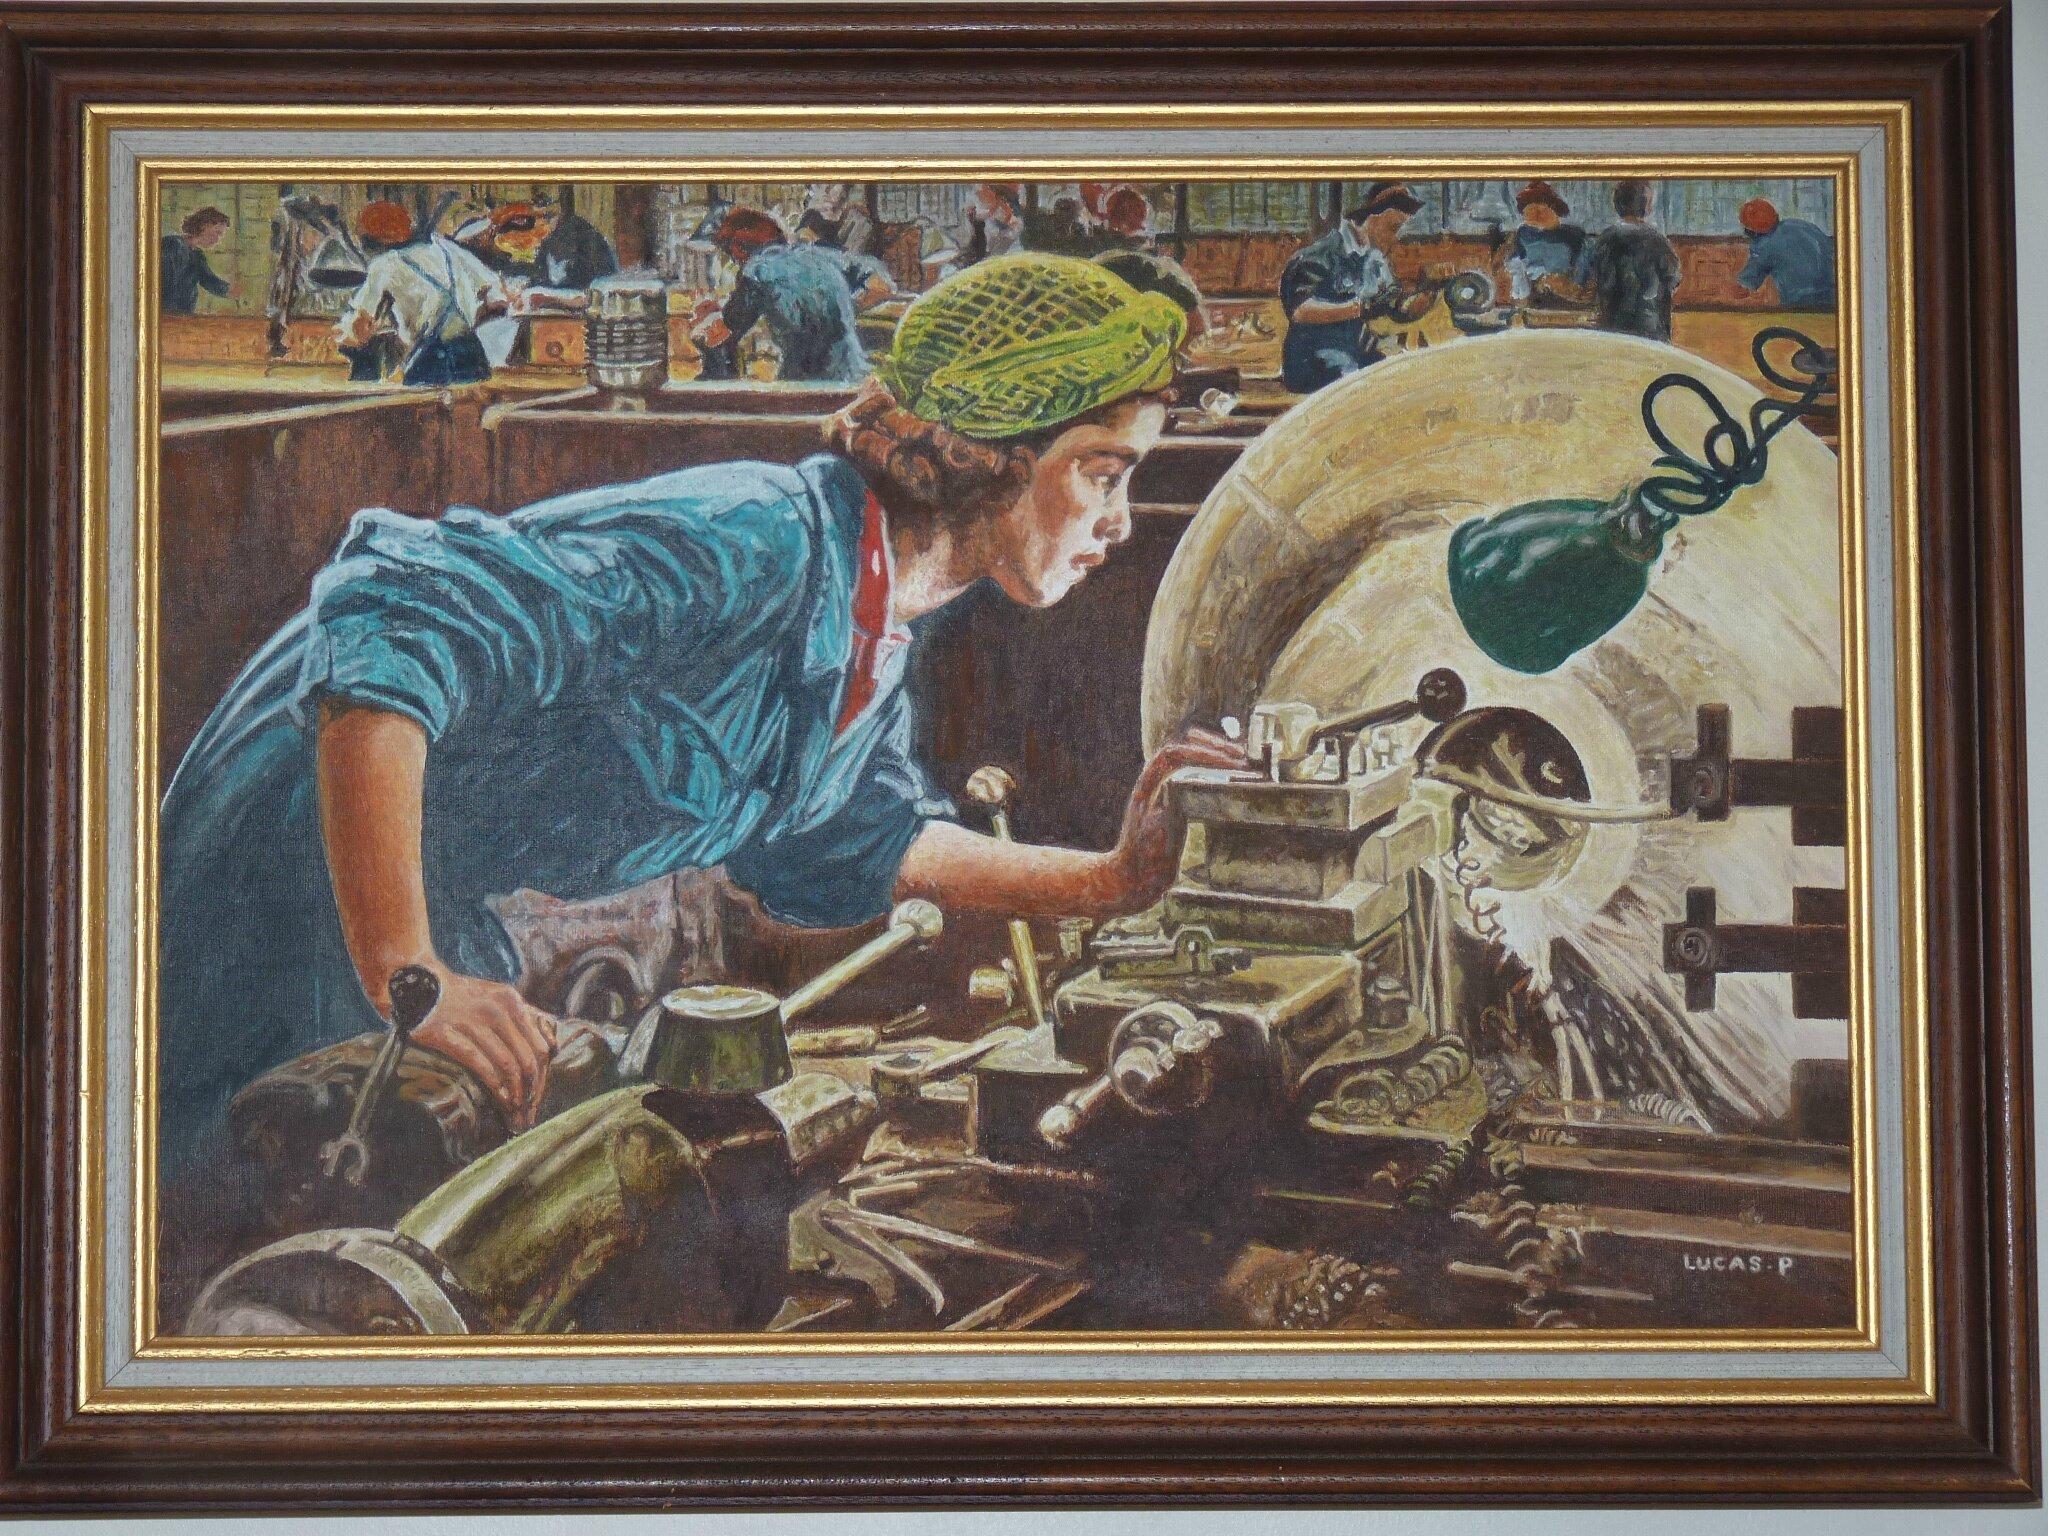 Travail de la femme dans l'industrie de P. Lucas